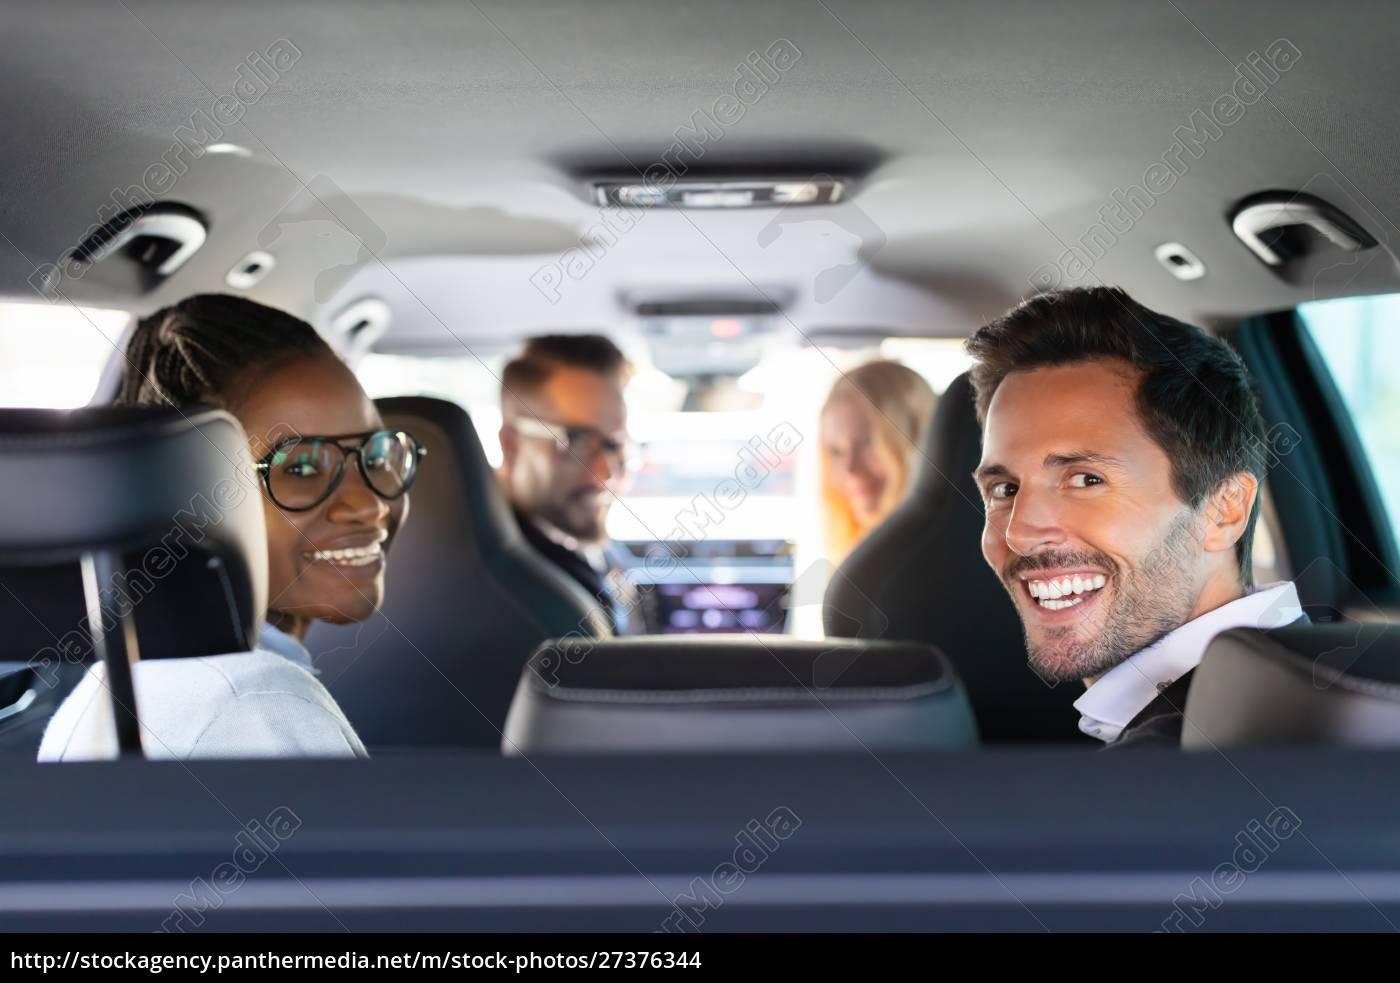 glückliche, freunde, sitzen, im, auto, und - 27376344